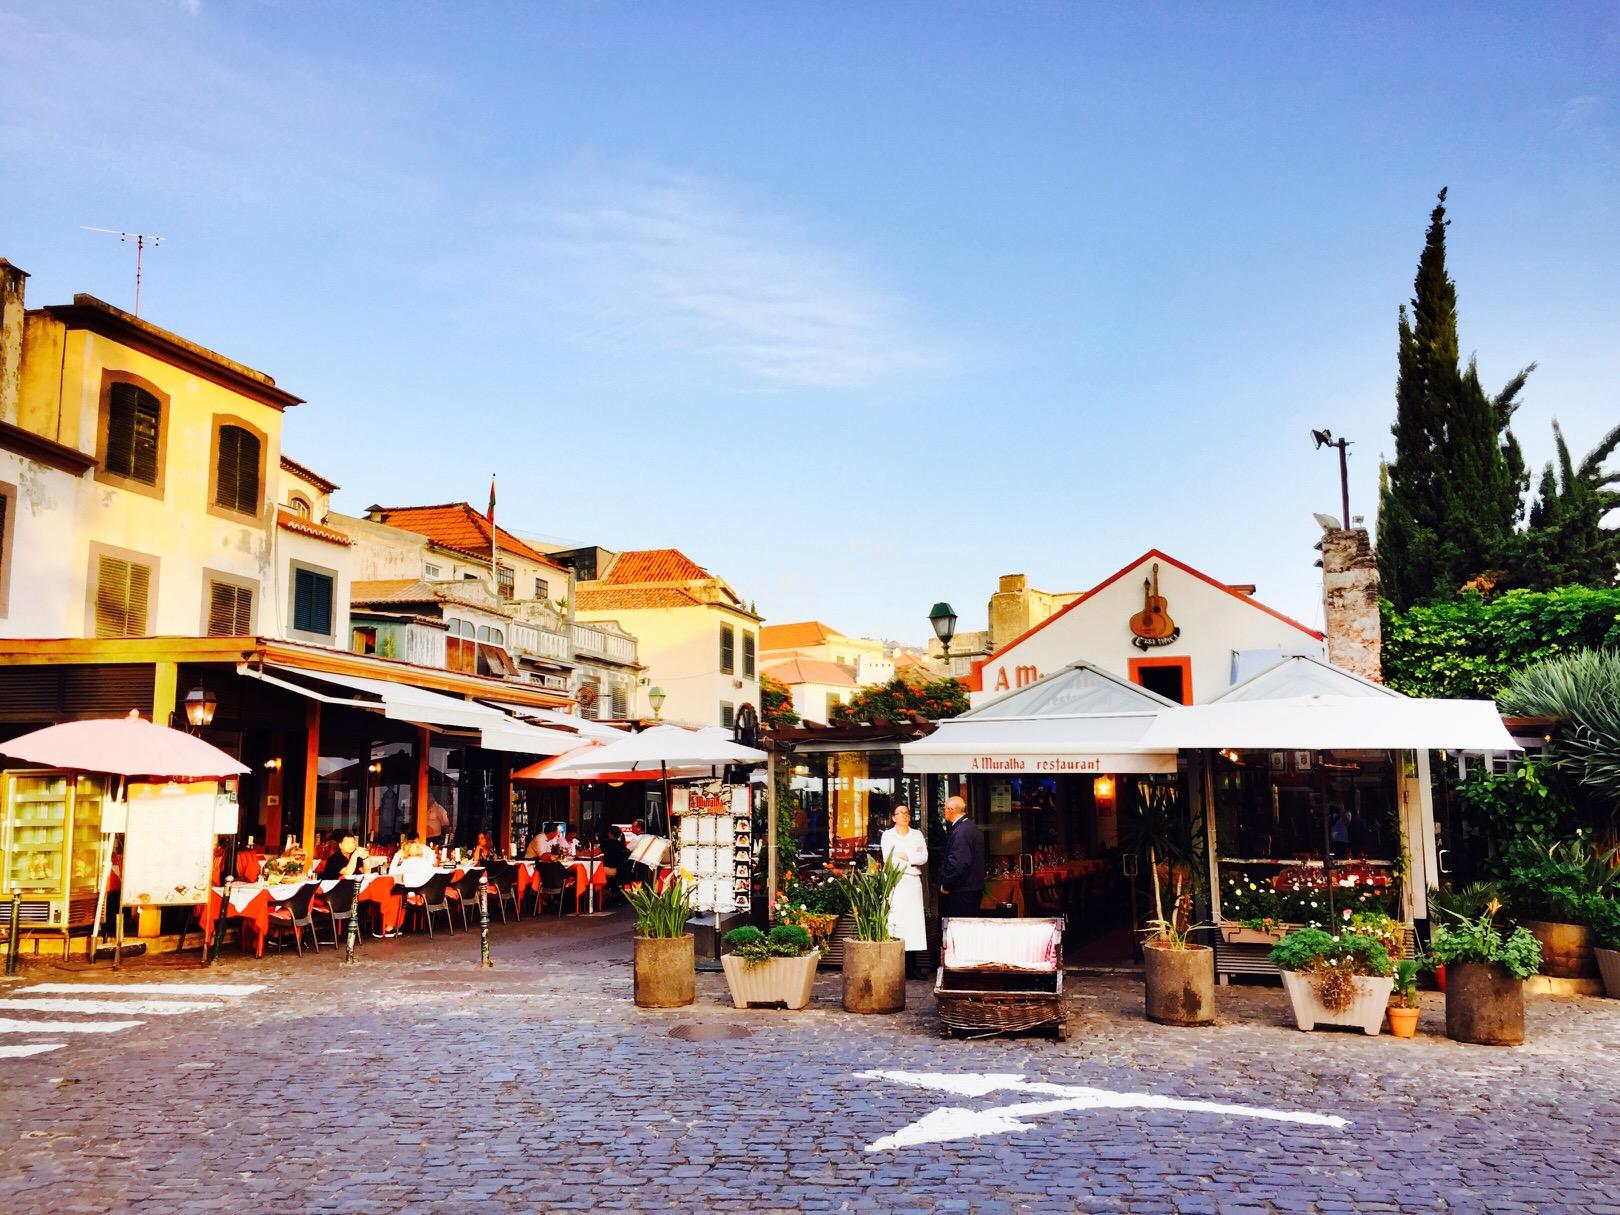 Blick in die Altstadt von Funchal auf Madeira